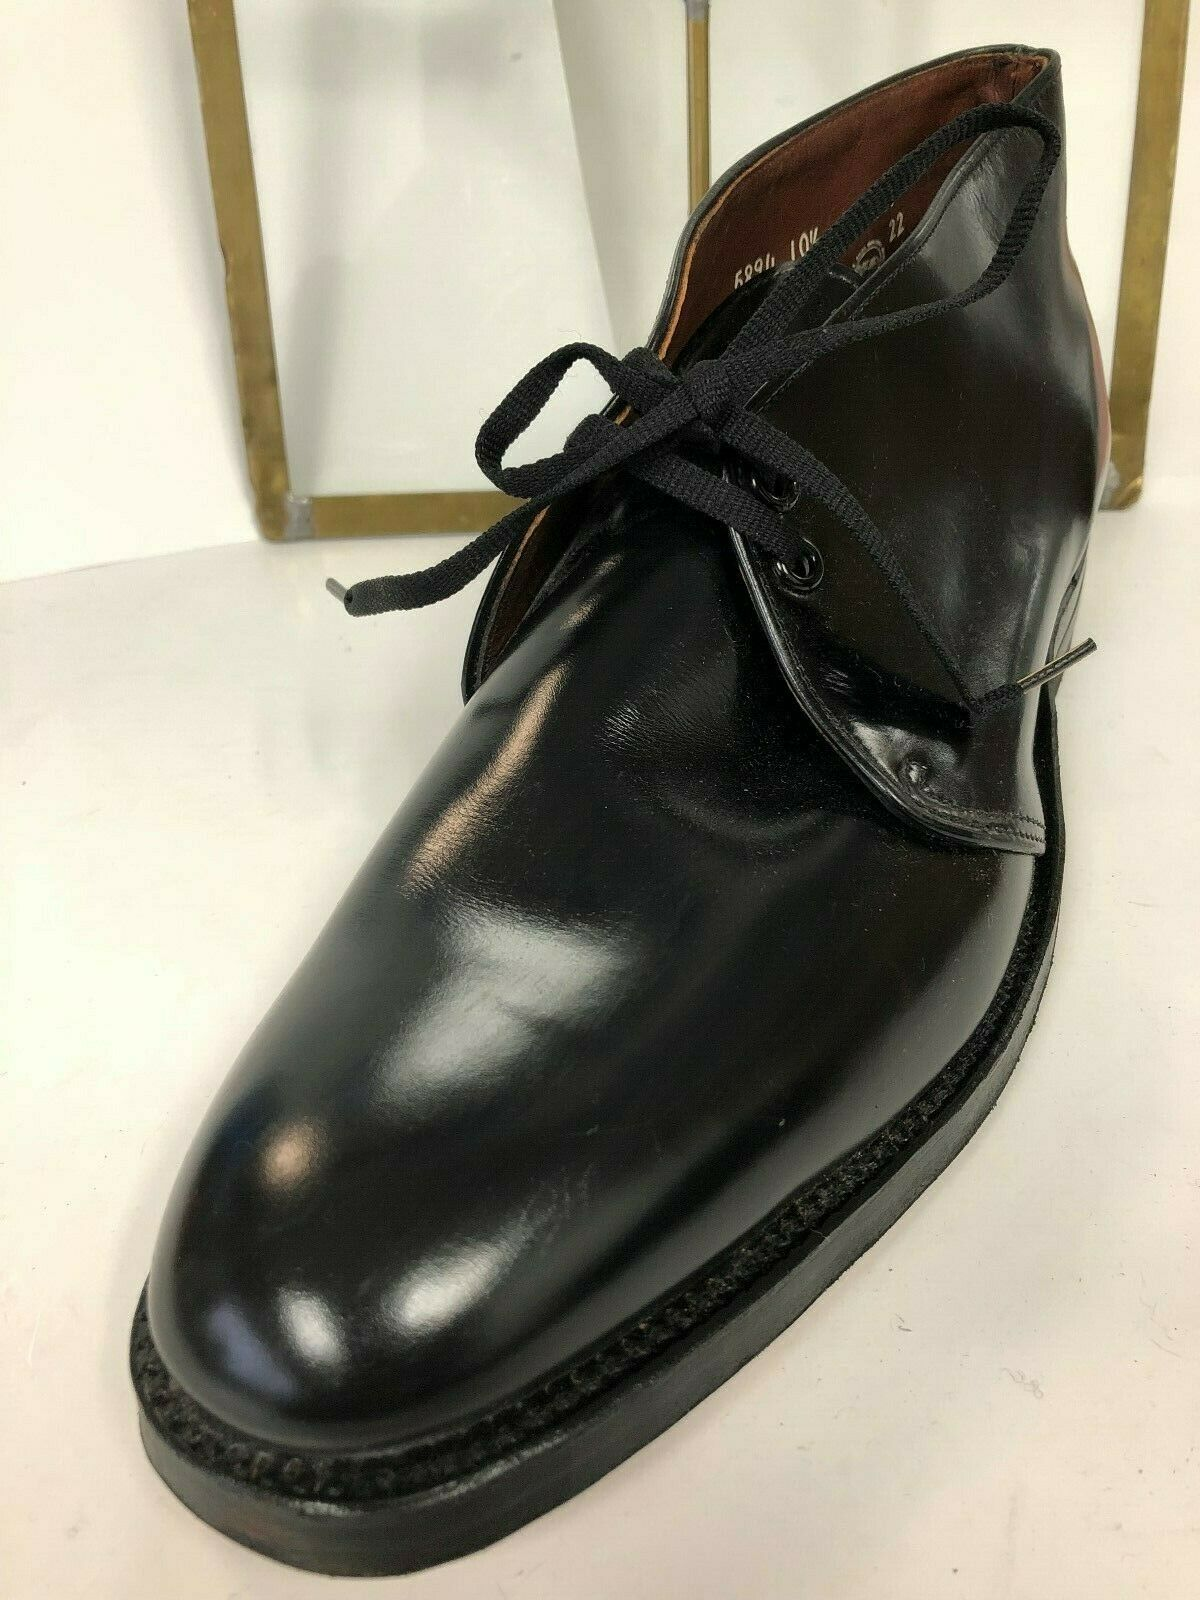 Crosby homme en cuir noir   Laceup Cheville Bottes Chaussures Sz 10.5 neuf sans boîte